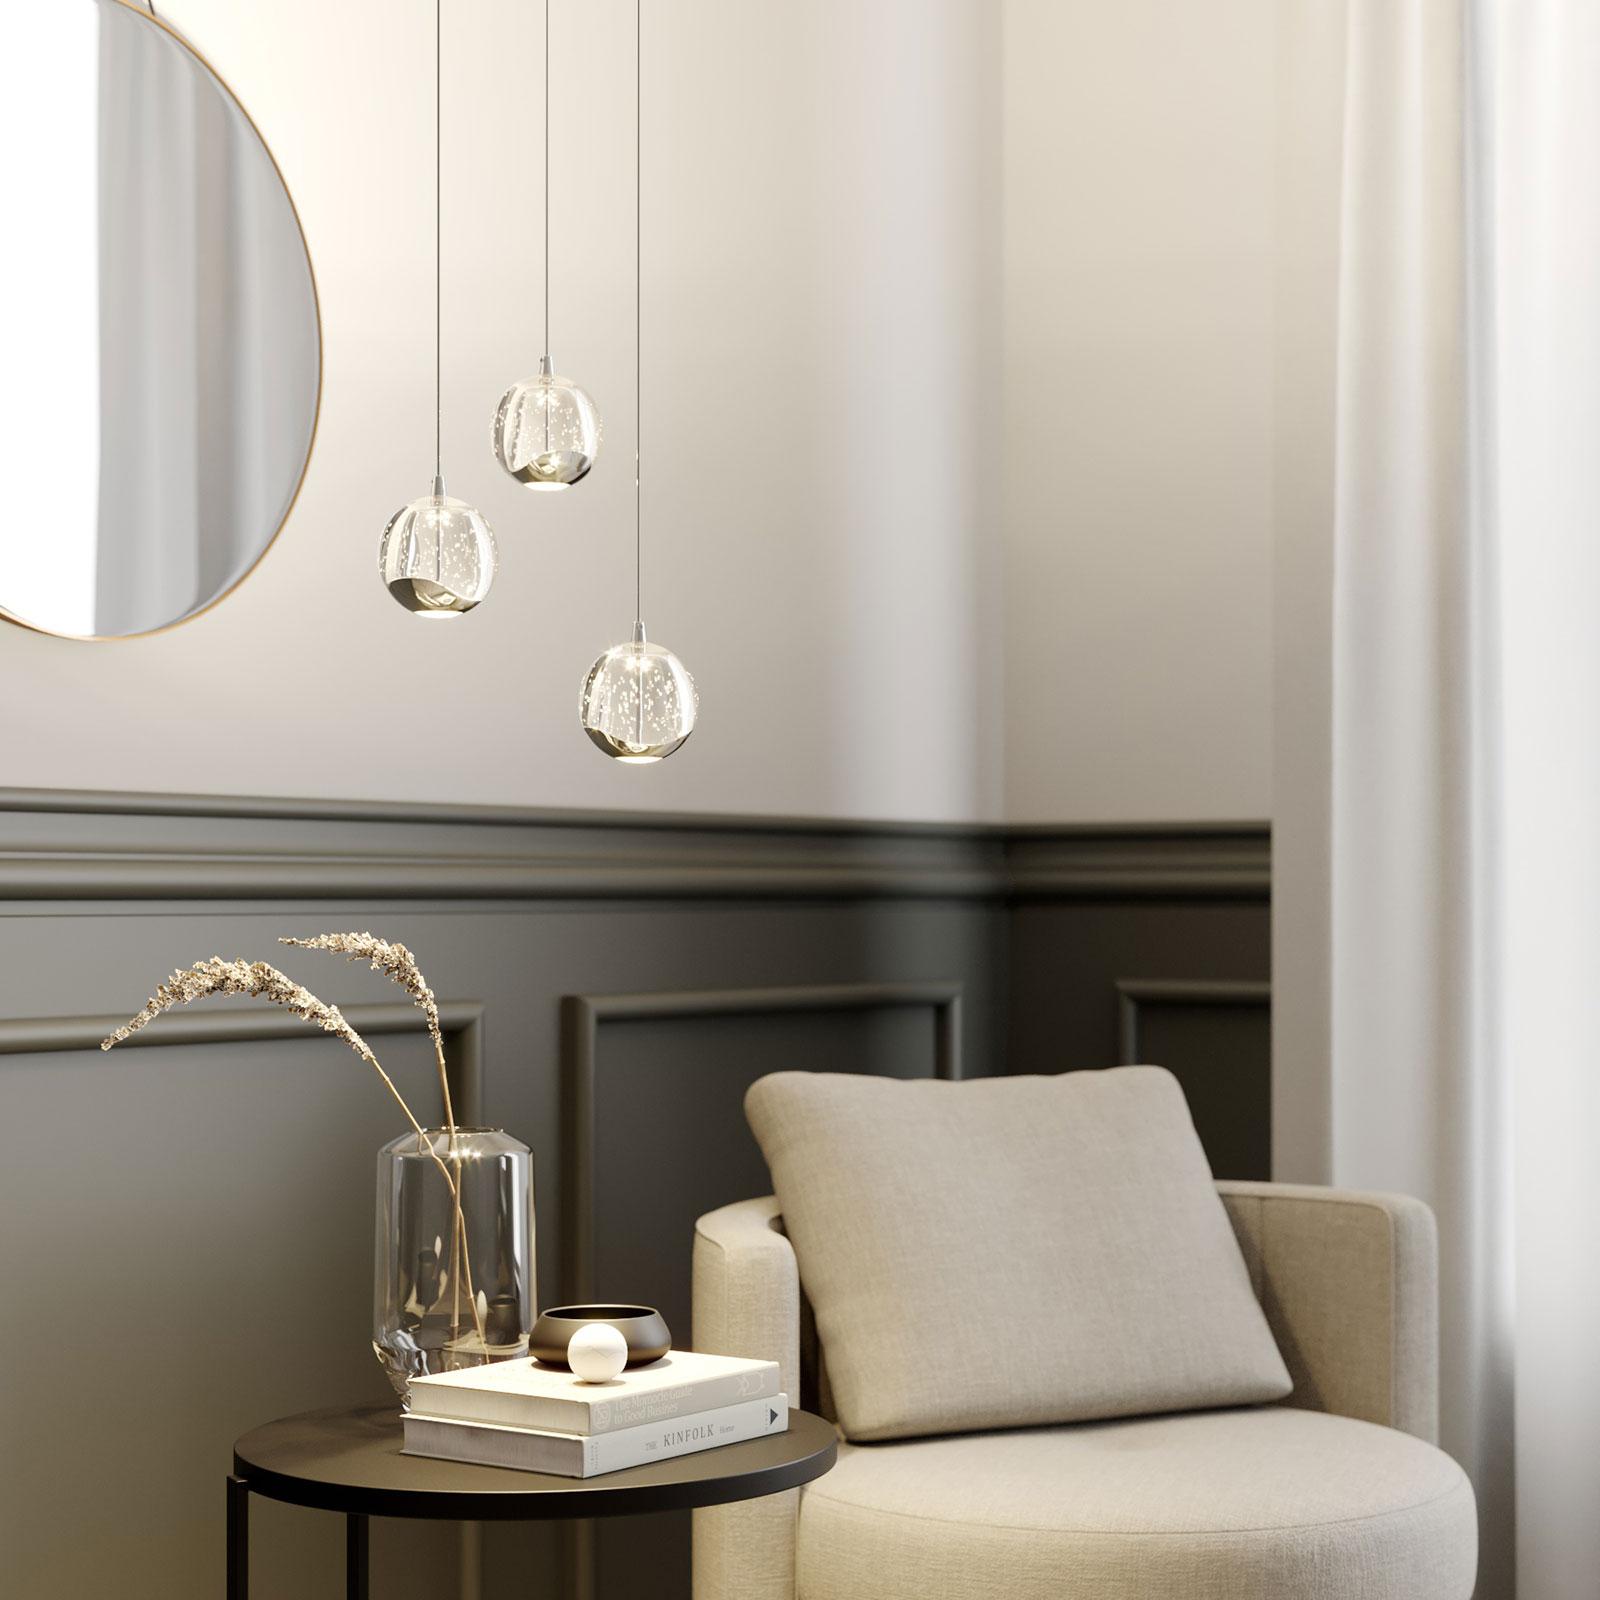 Lampa wisząca LED Hayley szklana kula 3-pkt. chrom